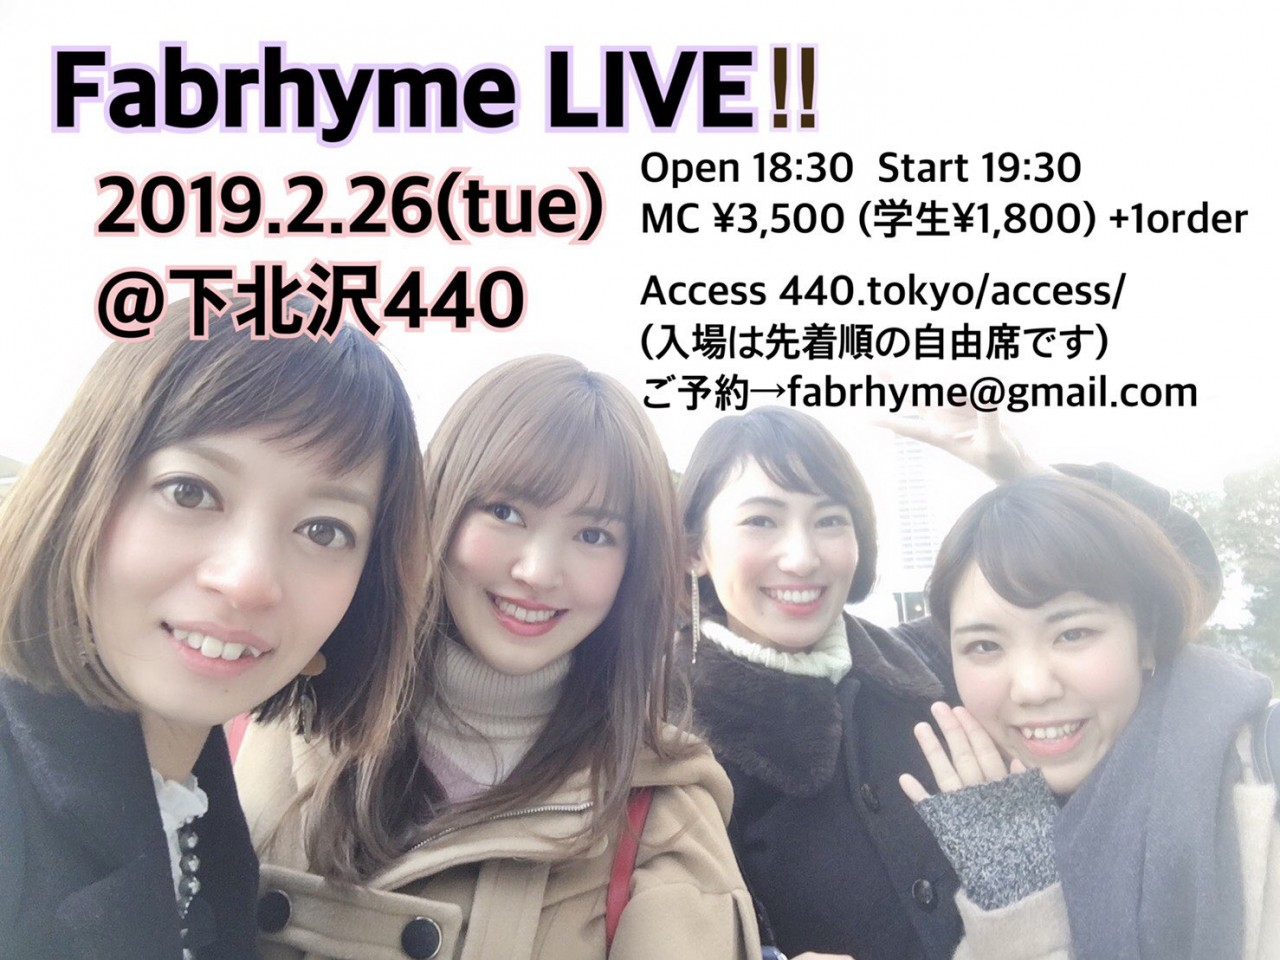 Fabrhyme LIVE!!